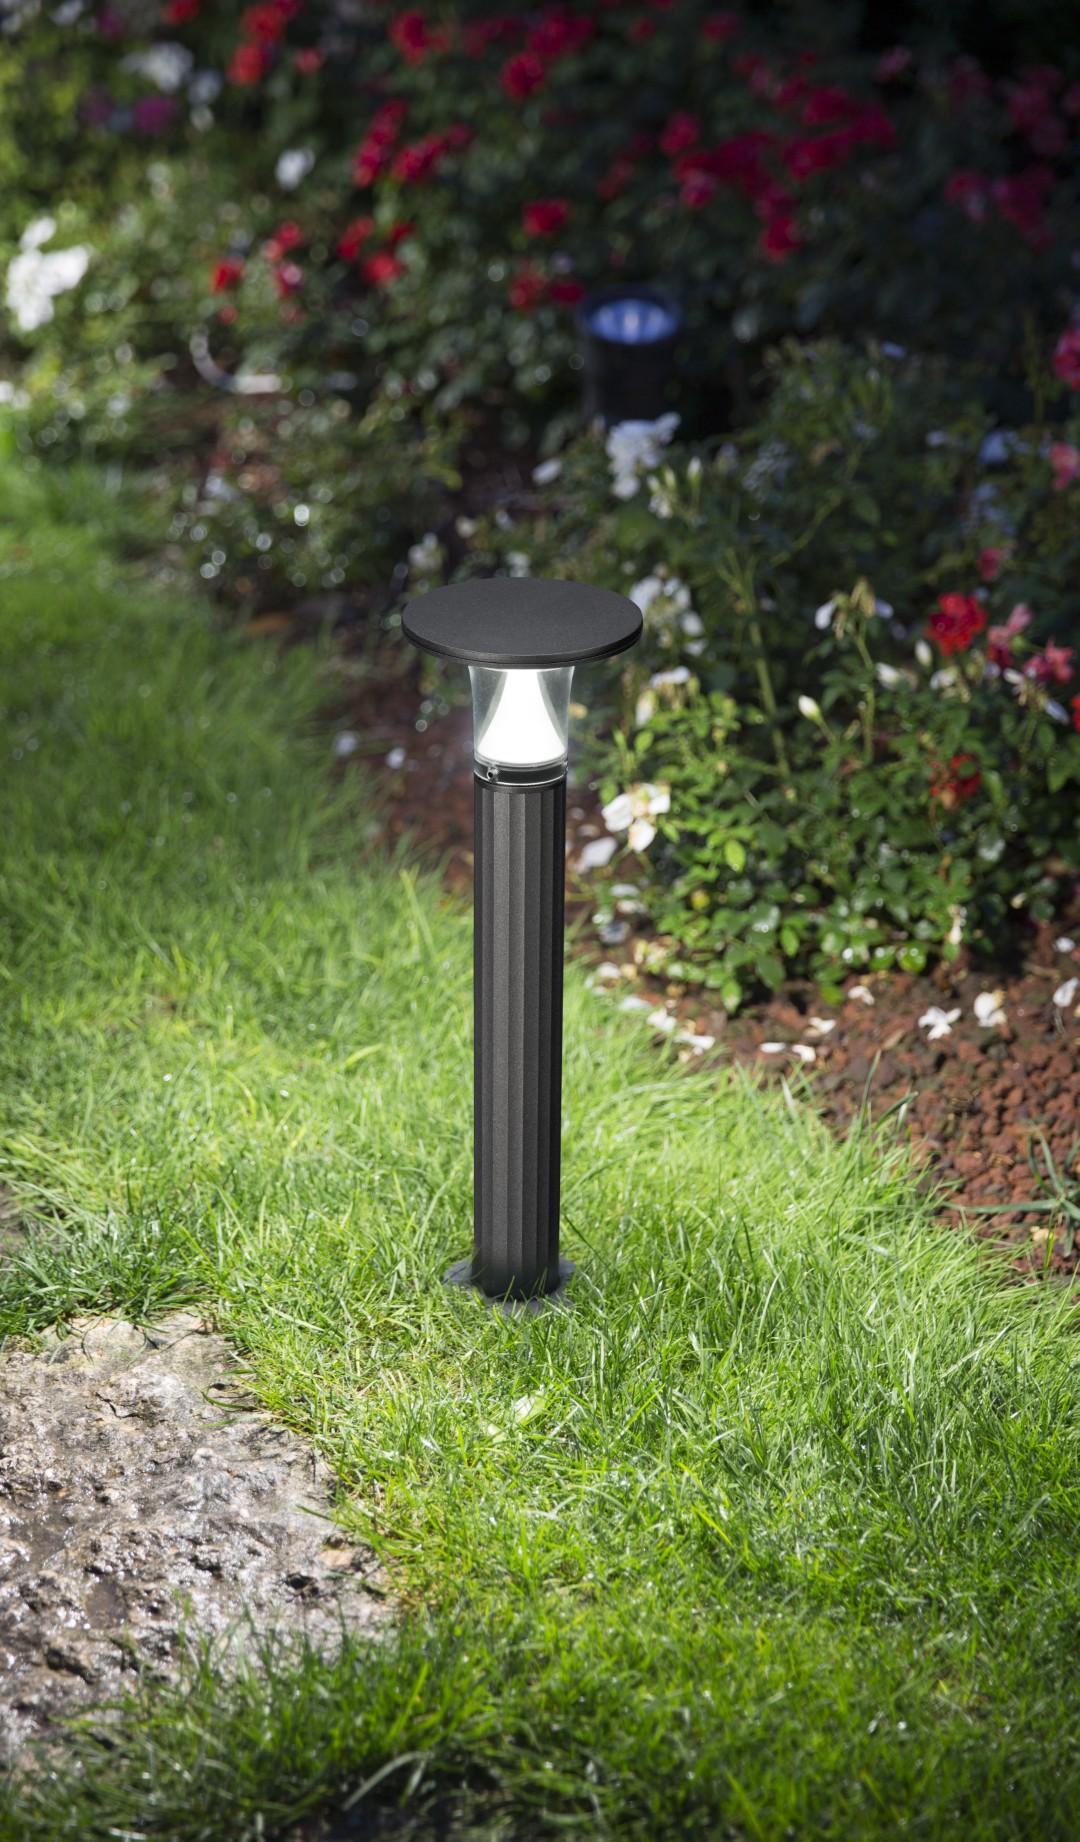 Modern İtalyan tasarımıyla, dış aydınlatmada ideal çözüm:  Goccia Cantharellus